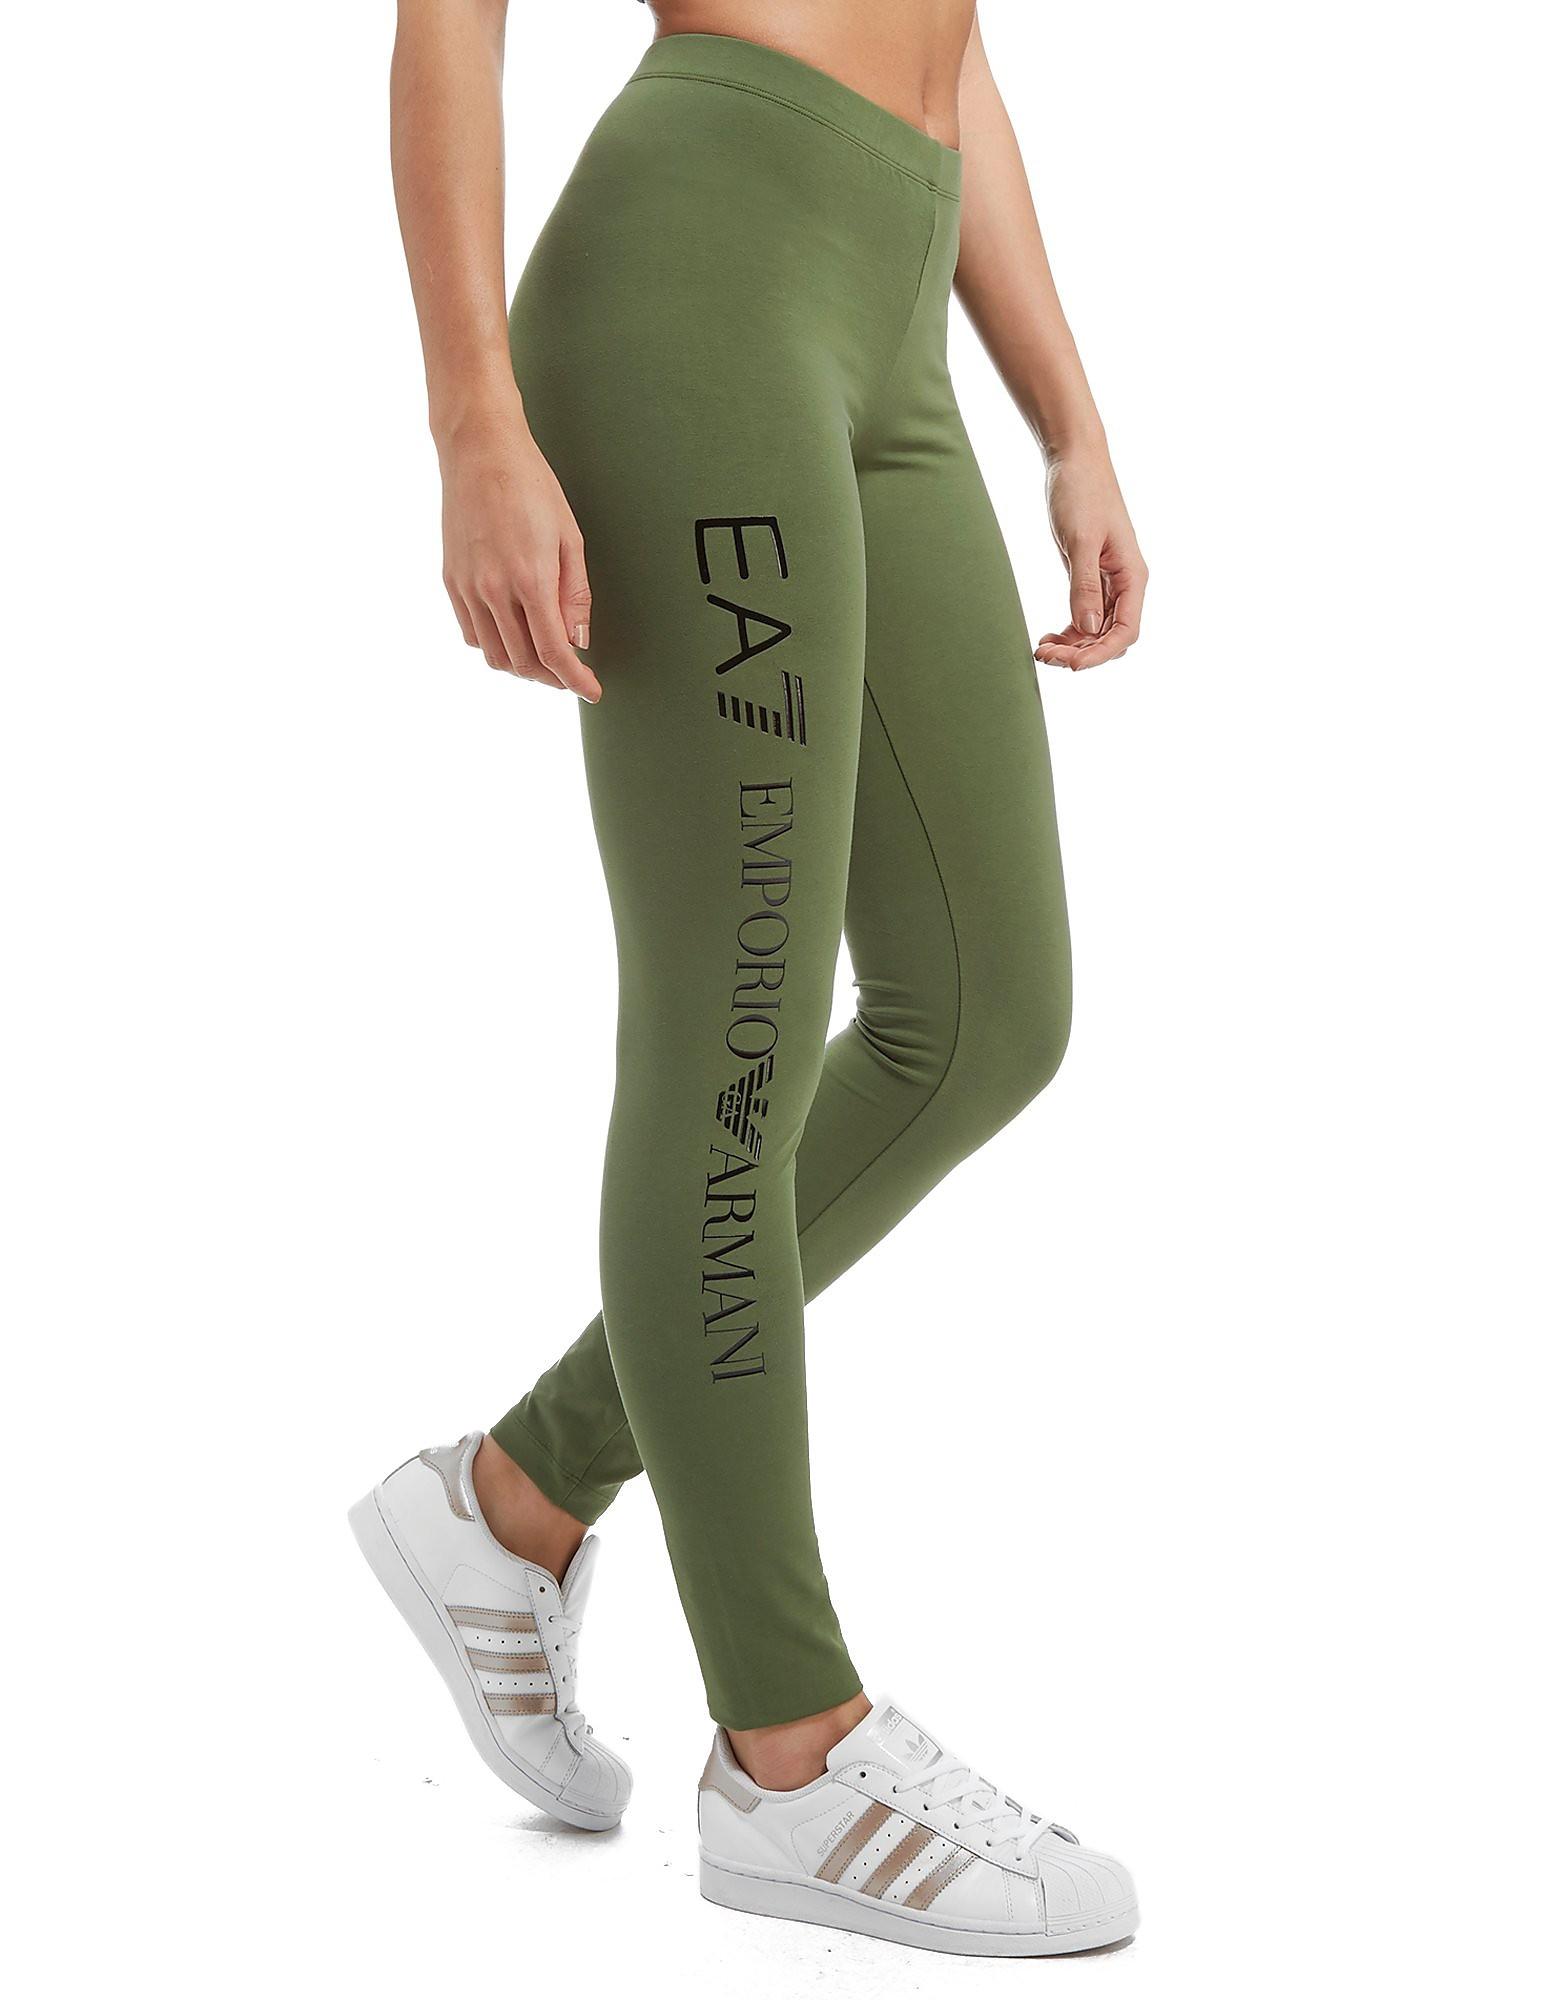 Emporio Armani EA7 Leggings Donna